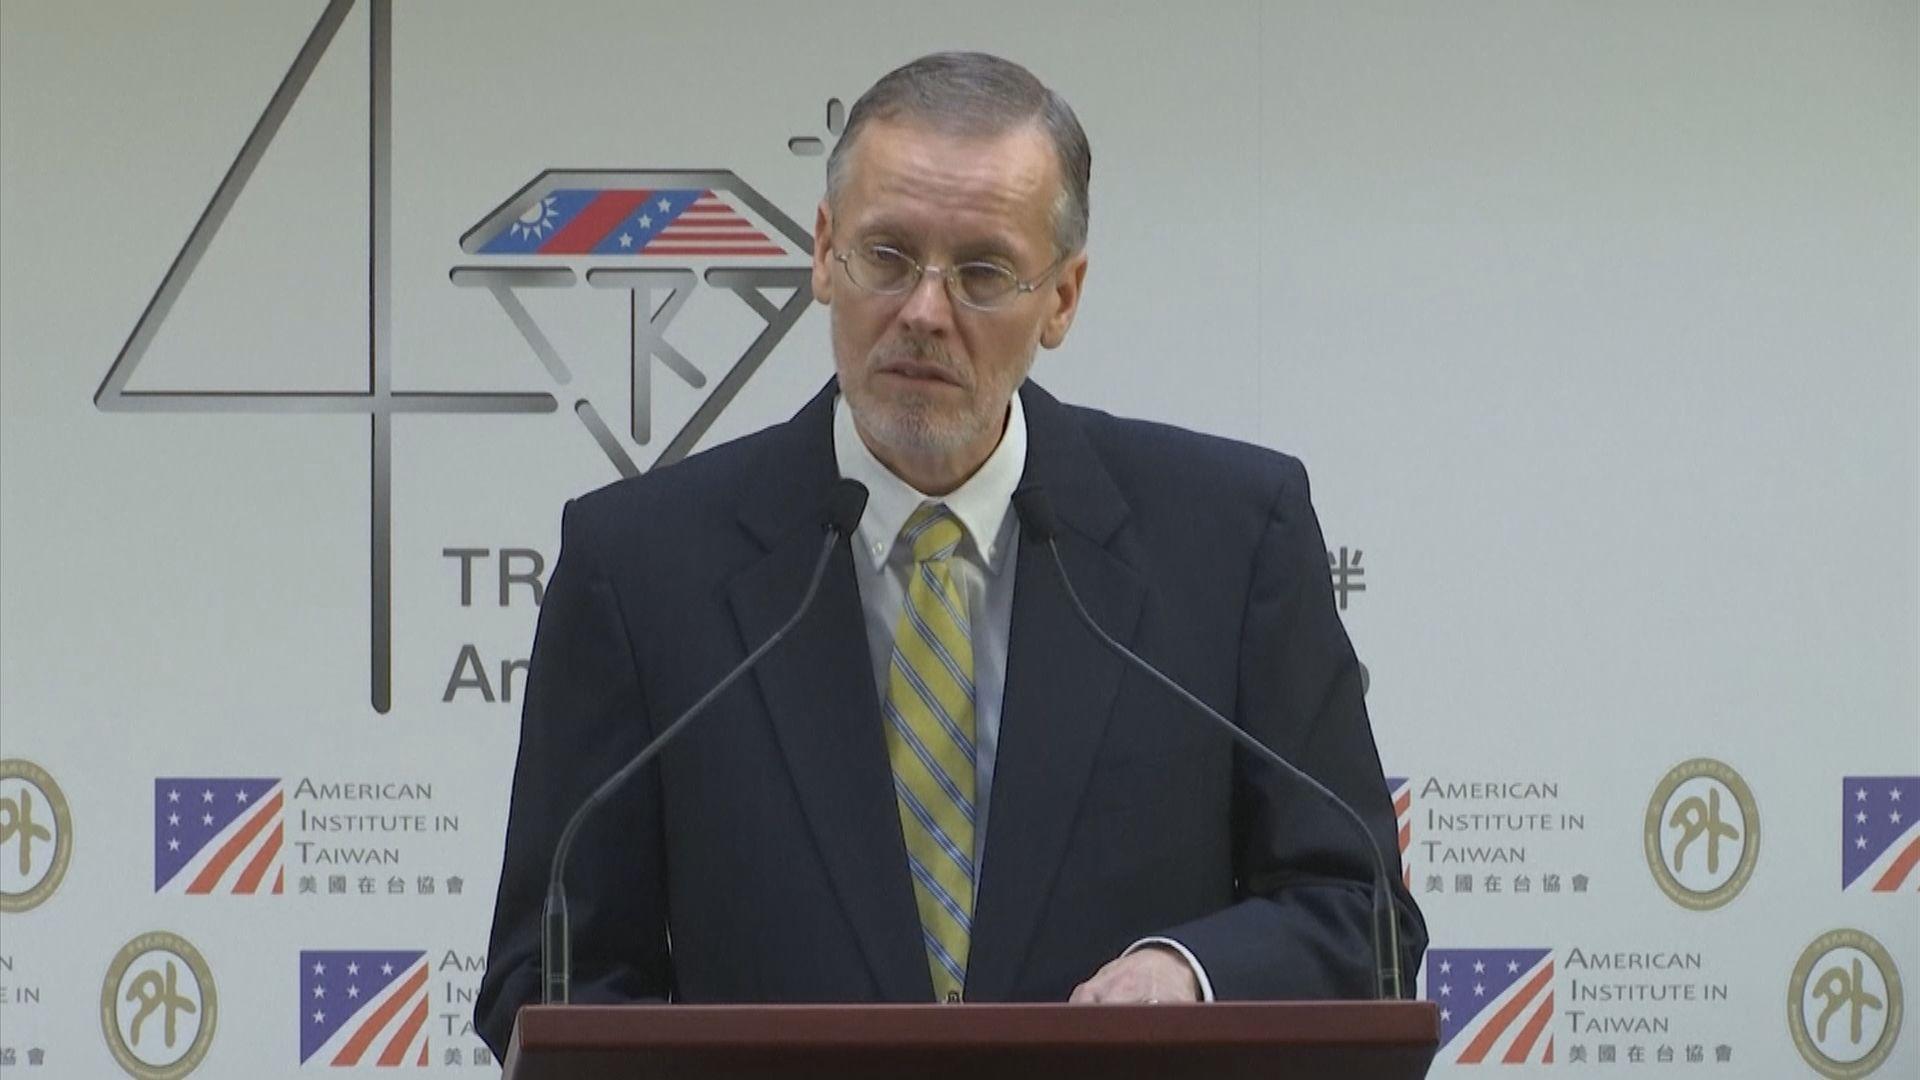 美國在台協會處長指新對話機制非挑釁大陸